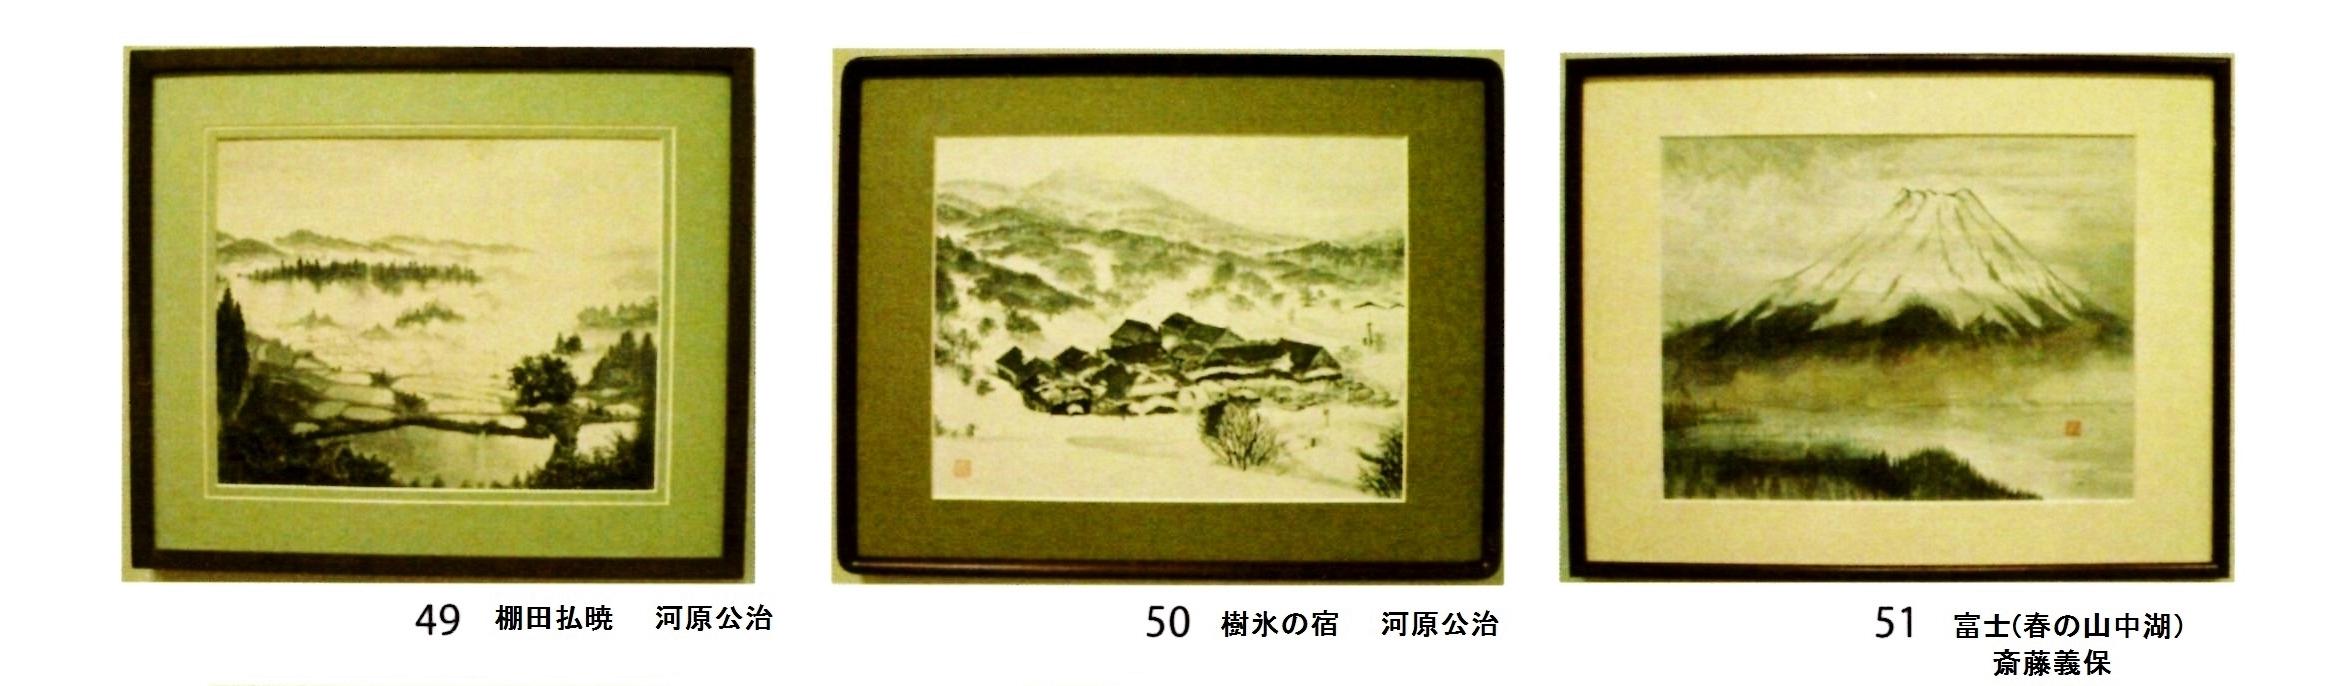 碧水会(現さがみ墨彩会)-48~51